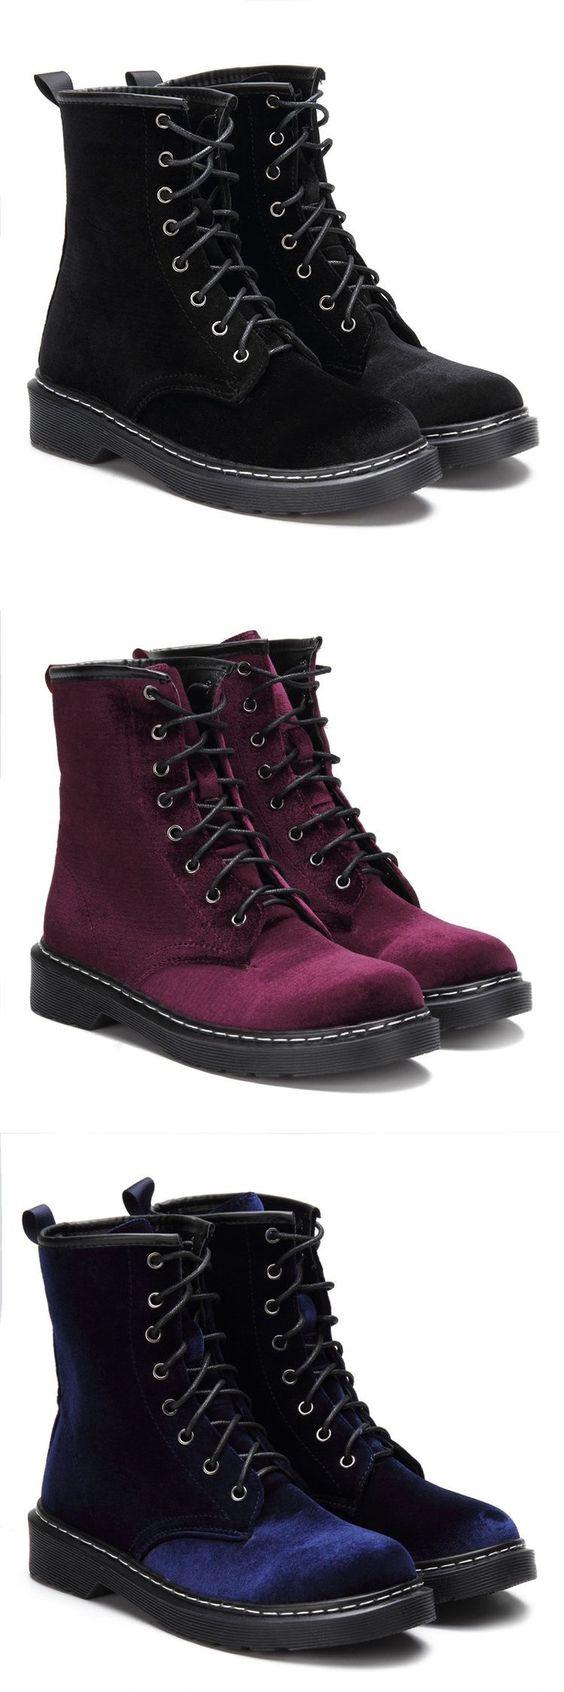 Boots ideas colour